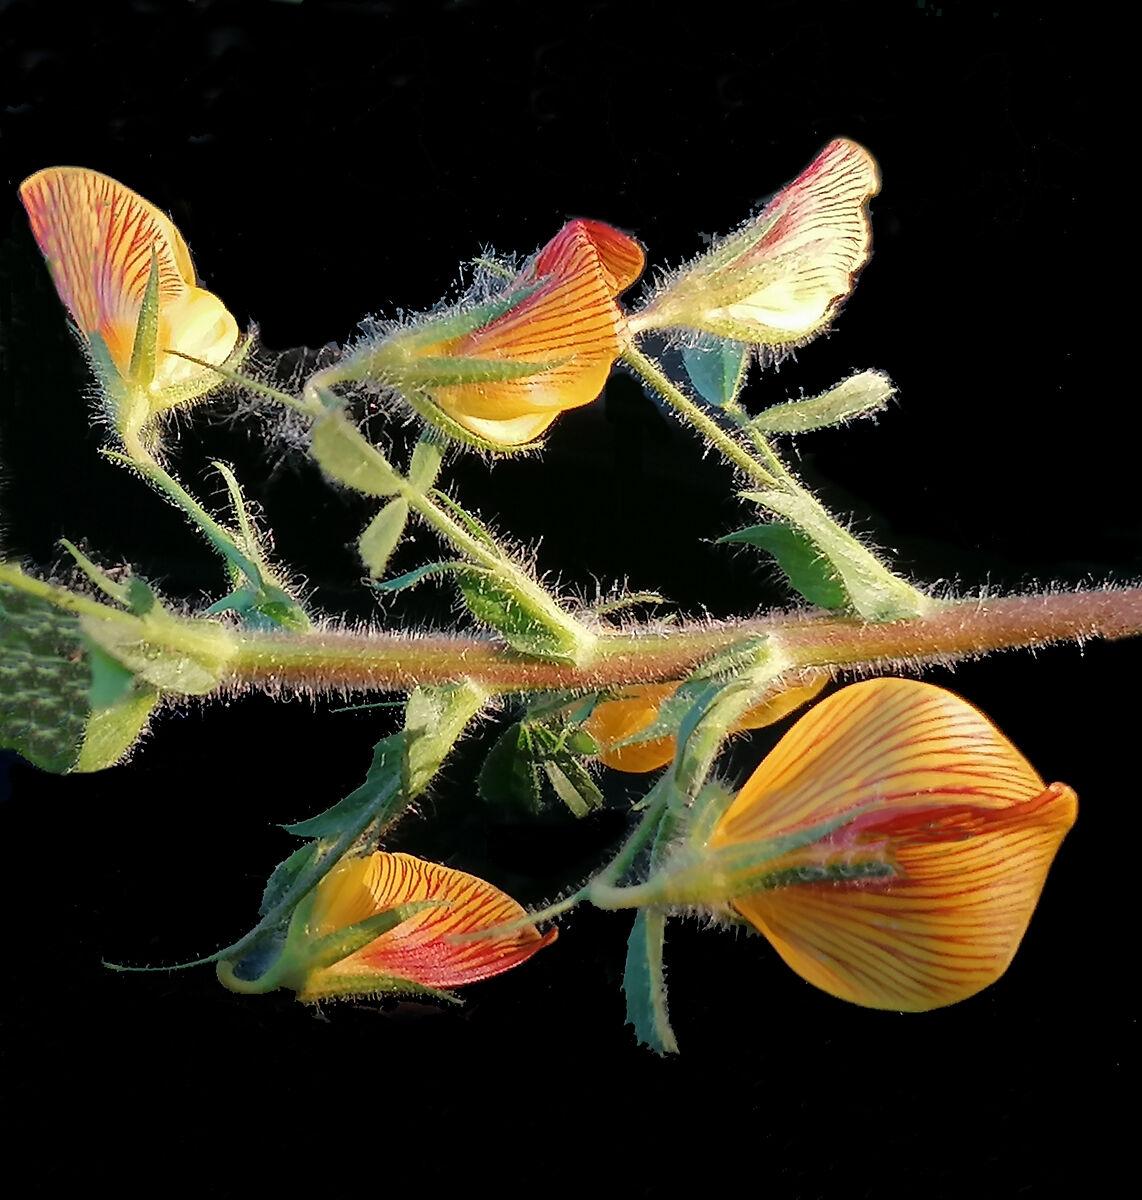 swarm of wild butterflies ...